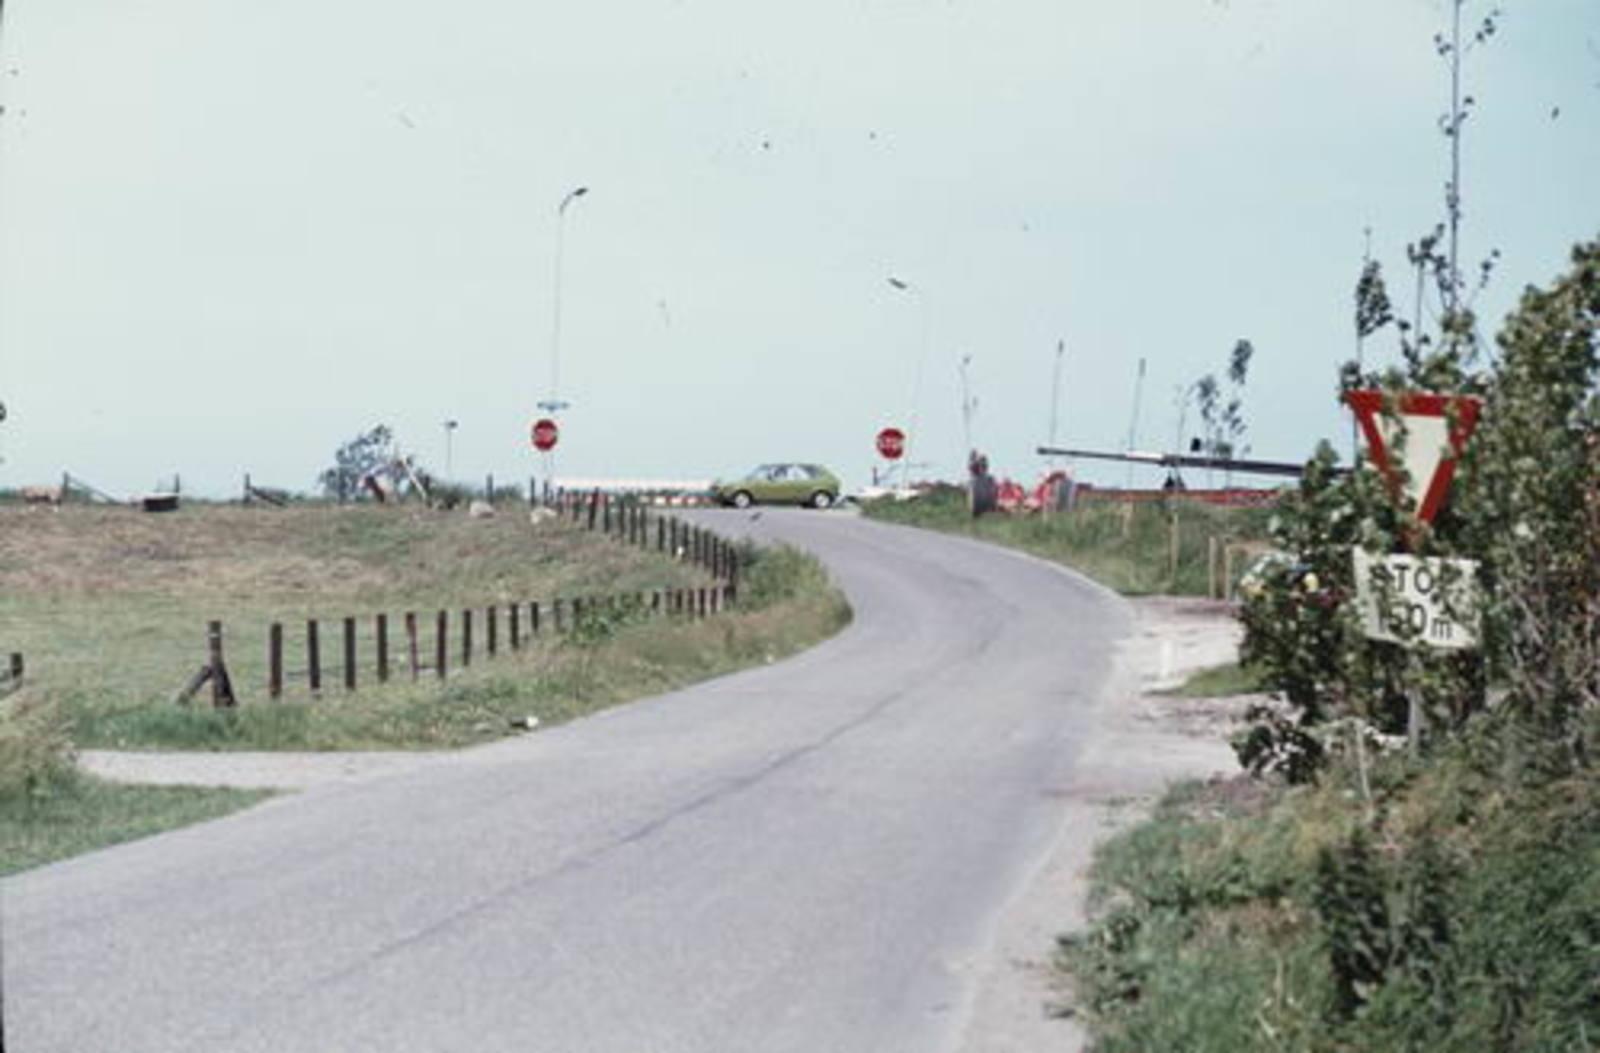 <b>ZOEKPLAATJE:</b>Onbekend Kromme Spieringweg O 000002 1978-79